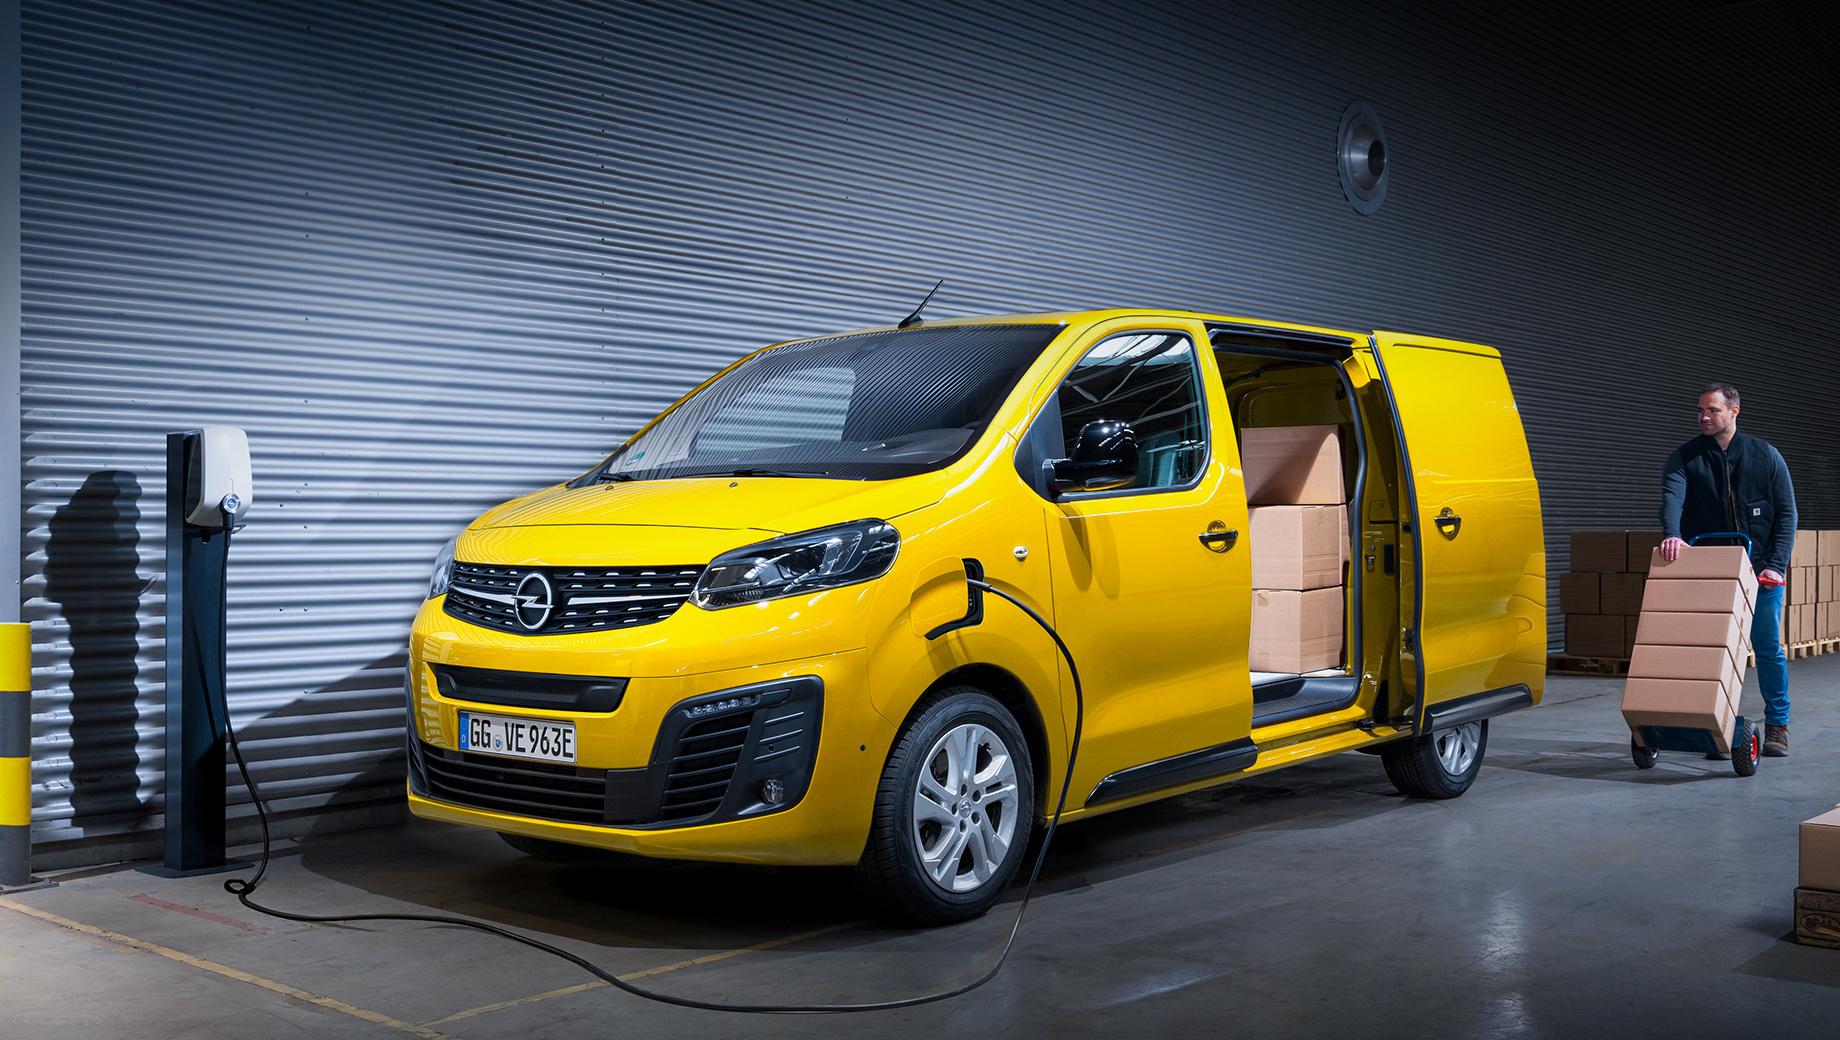 Opel vivaro,Opel vivaro-e. По умолчанию Opel Vivaro-e комплектуется однофазным зарядным устройством на 7,4 кВт, а опционально — трёхфазным на 11,3 кВт. Чтобы зарядить батарею на 80% от 100-киловаттной станции, нужно от 30 до 45 минут в зависимости от ёмкости аккумулятора.